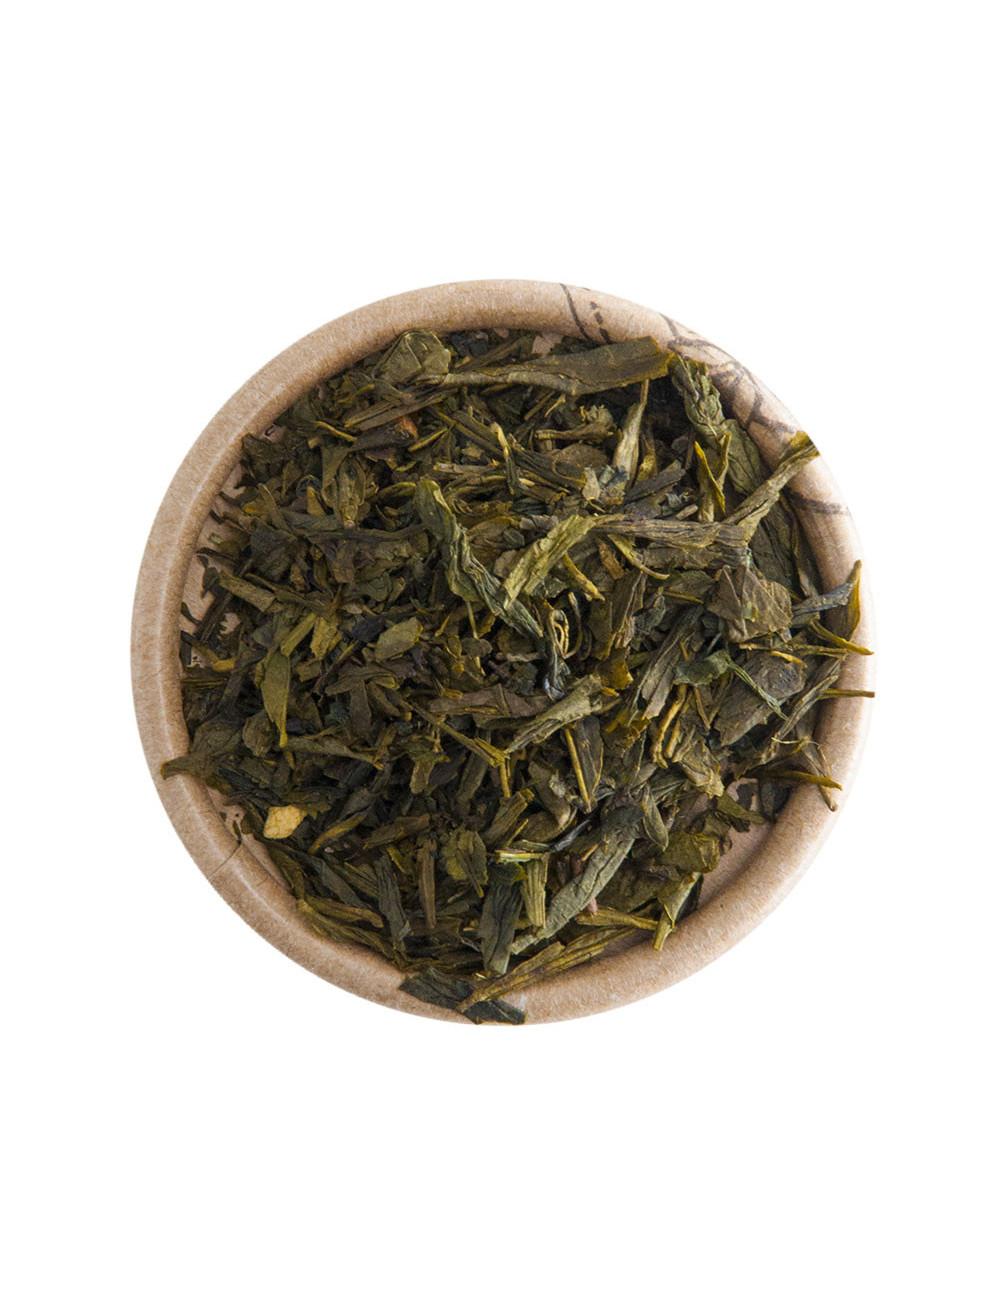 Limone tè verde aromatizzato - La Pianta del Tè shop online